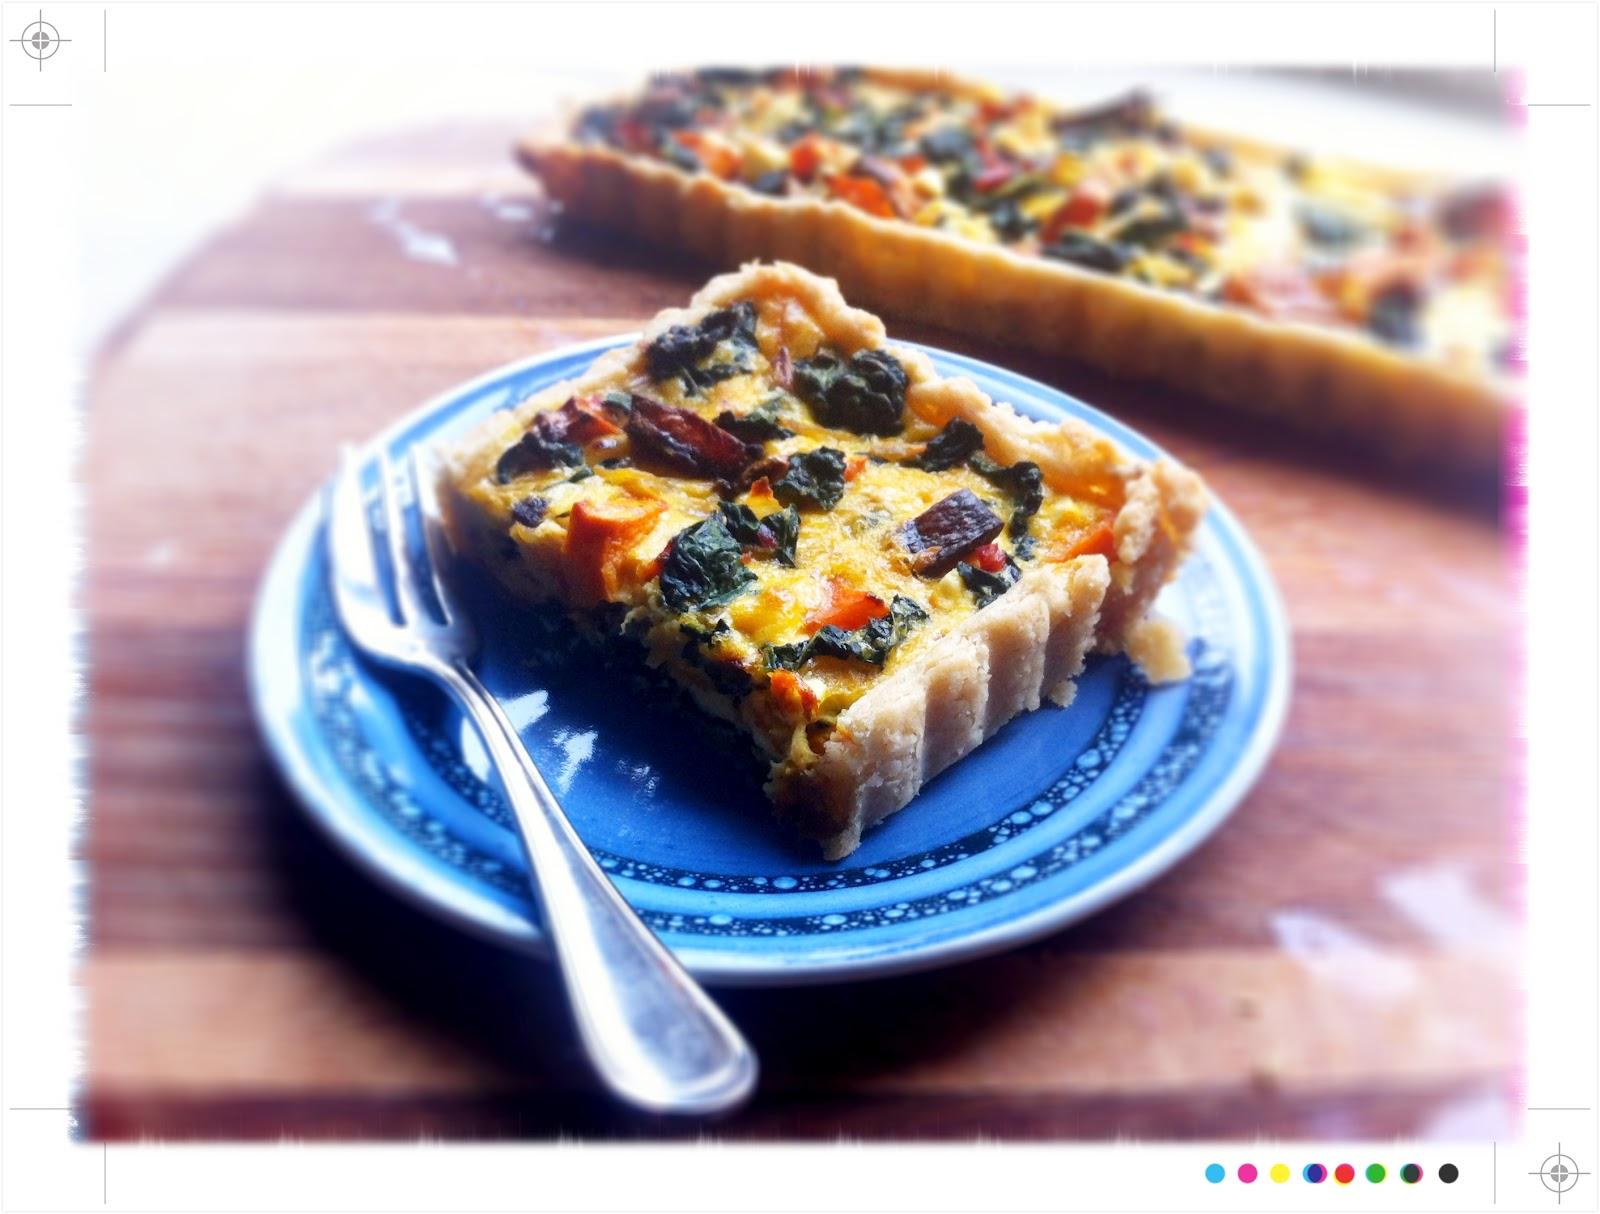 Toast: In Season - Roast Pumpkin Cavolo Nero and Feta Tart